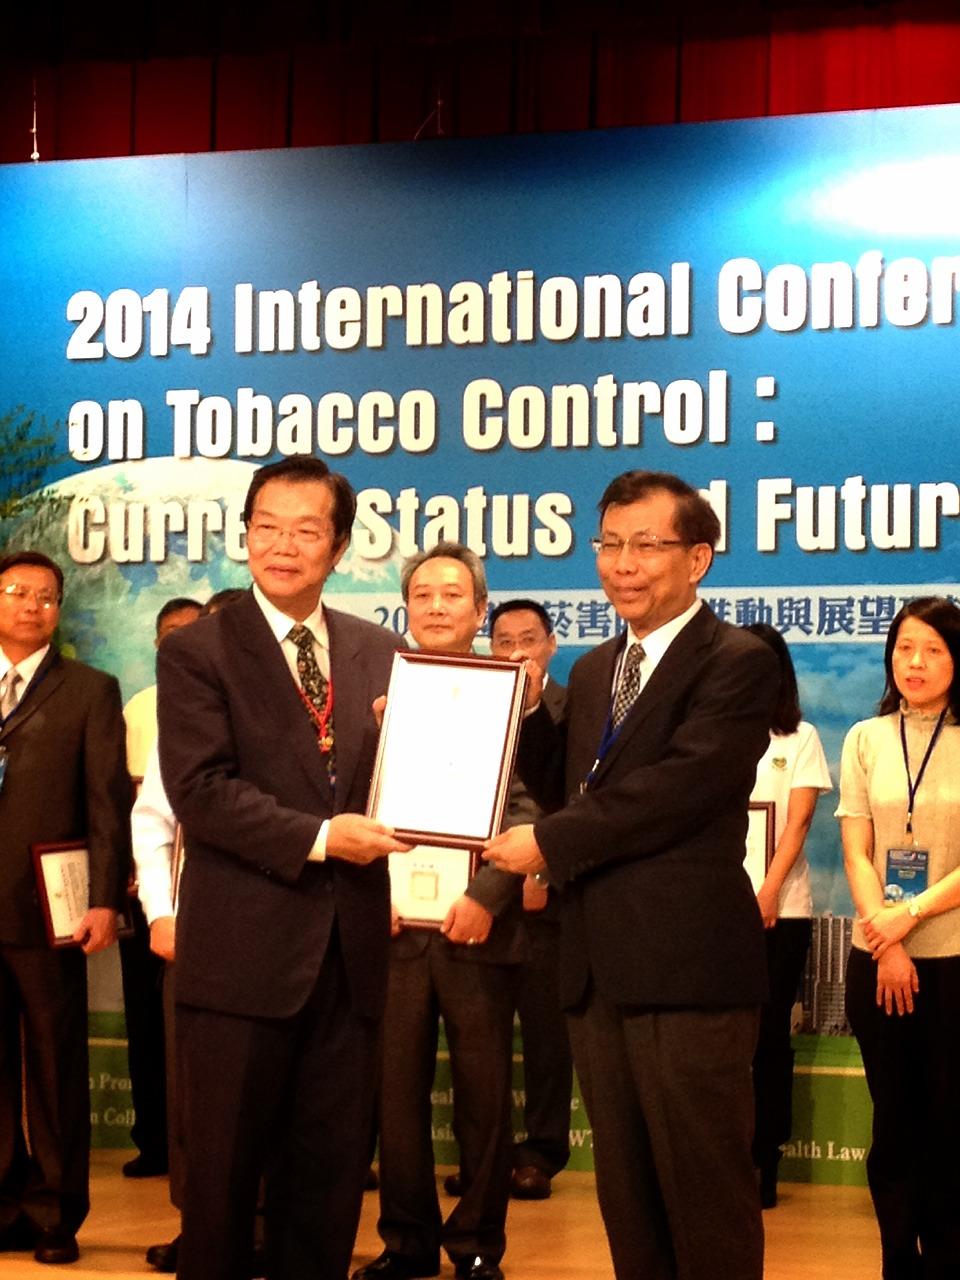 卫福部林四海主任秘书(左)颁发无菸医院认证金奖予台南市立安南医院由